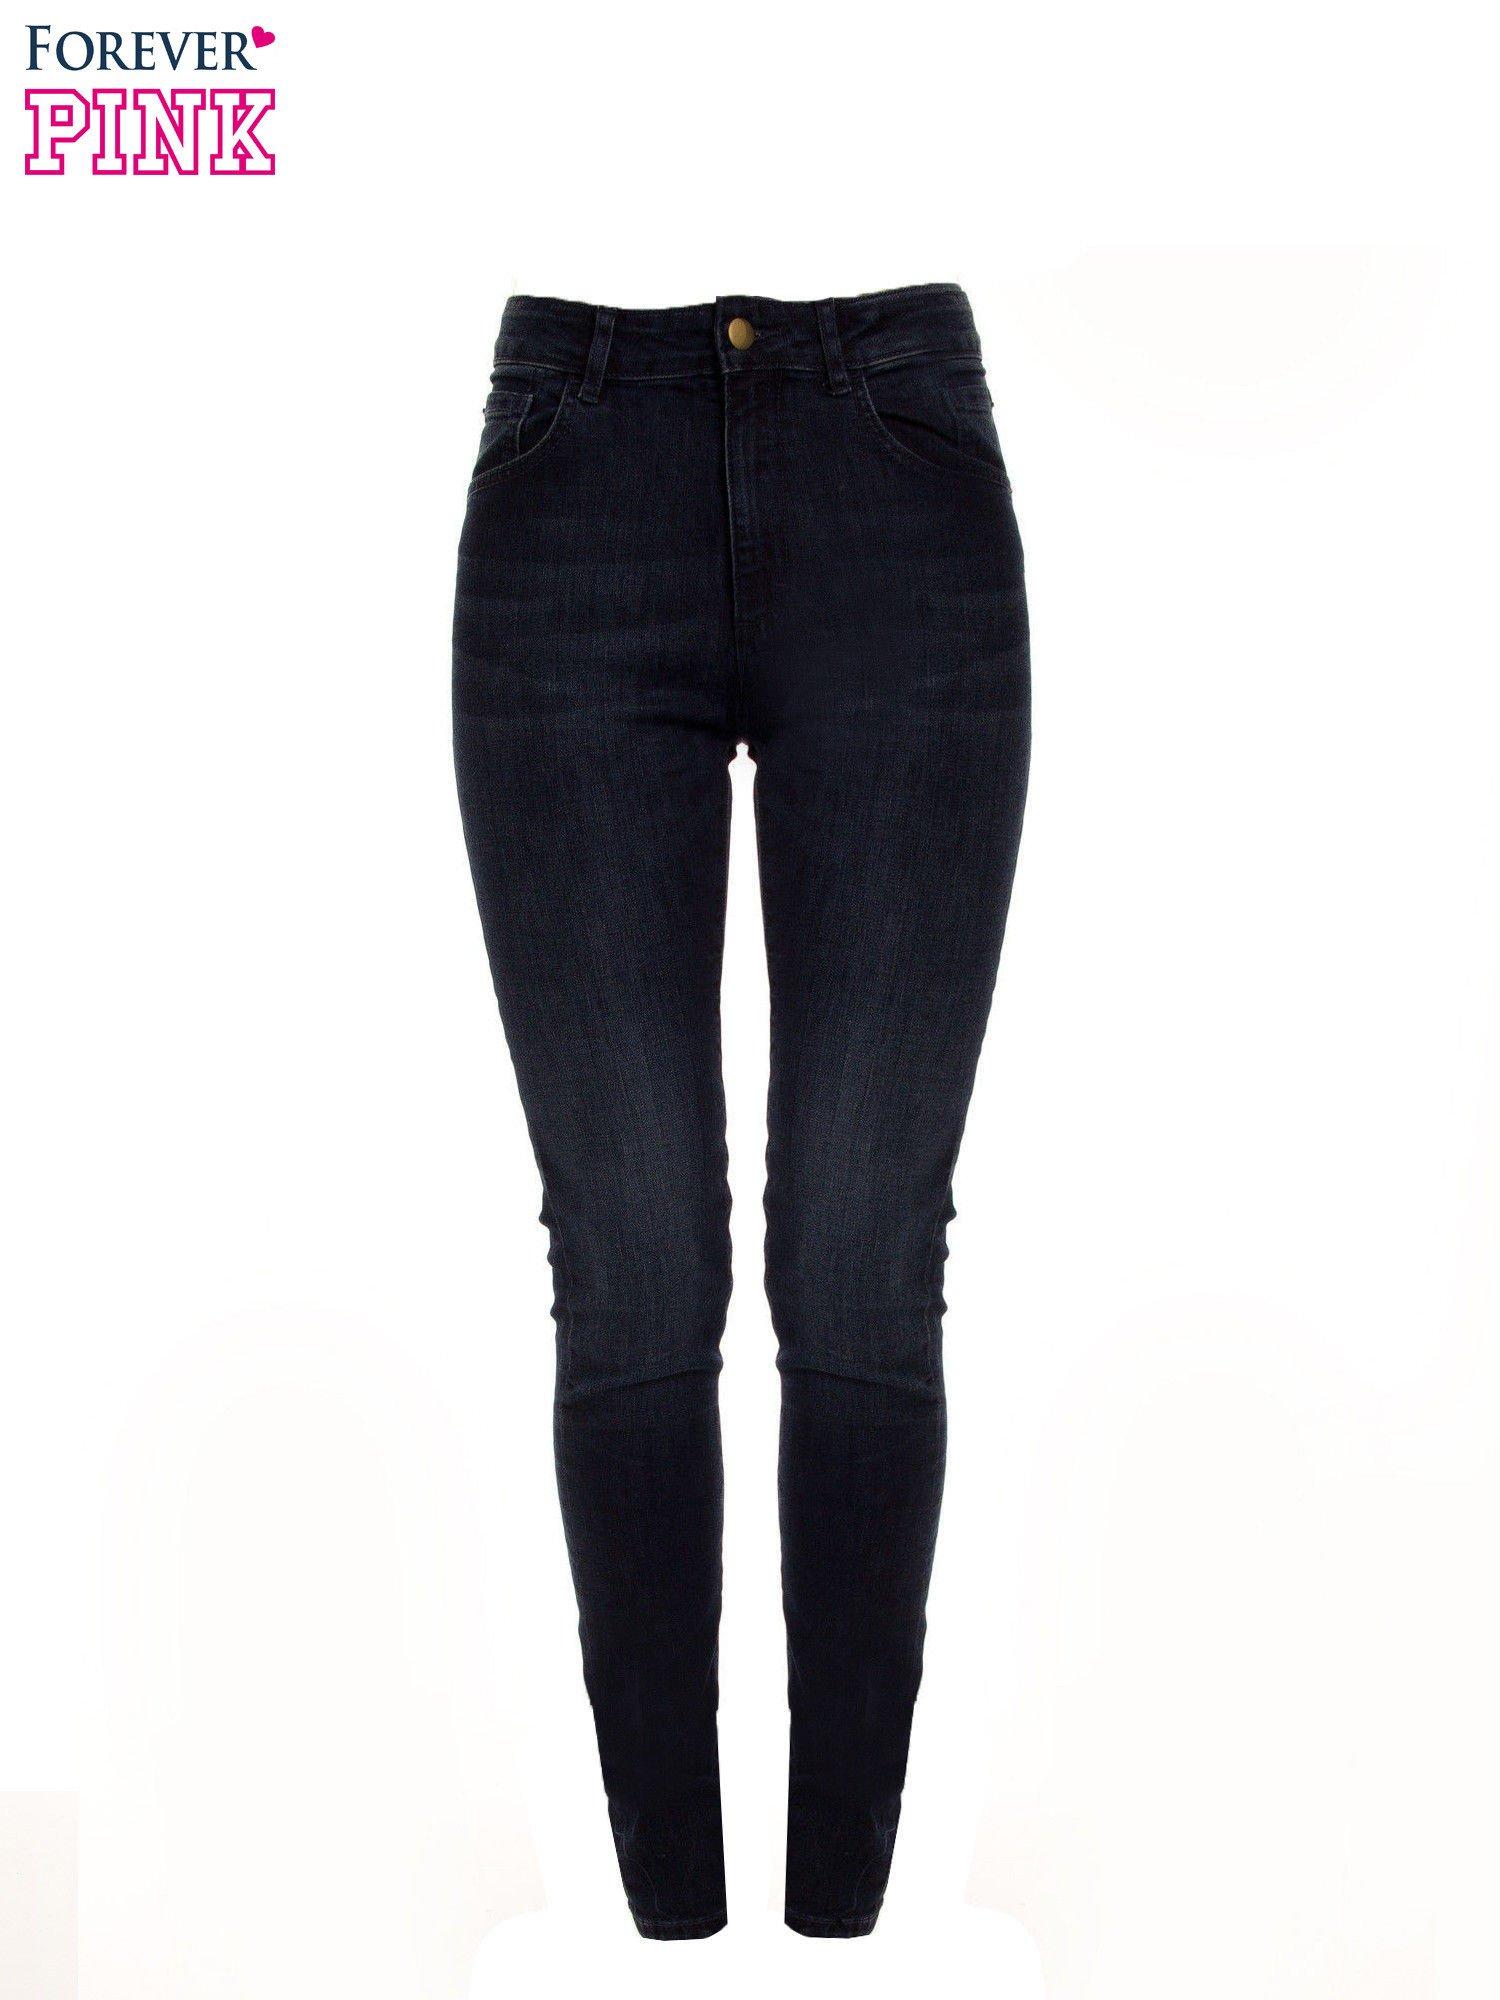 d1cb0b8610 Granatowe jeansy rurki z wysokim stanem - Spodnie jeansowe - sklep eButik.pl